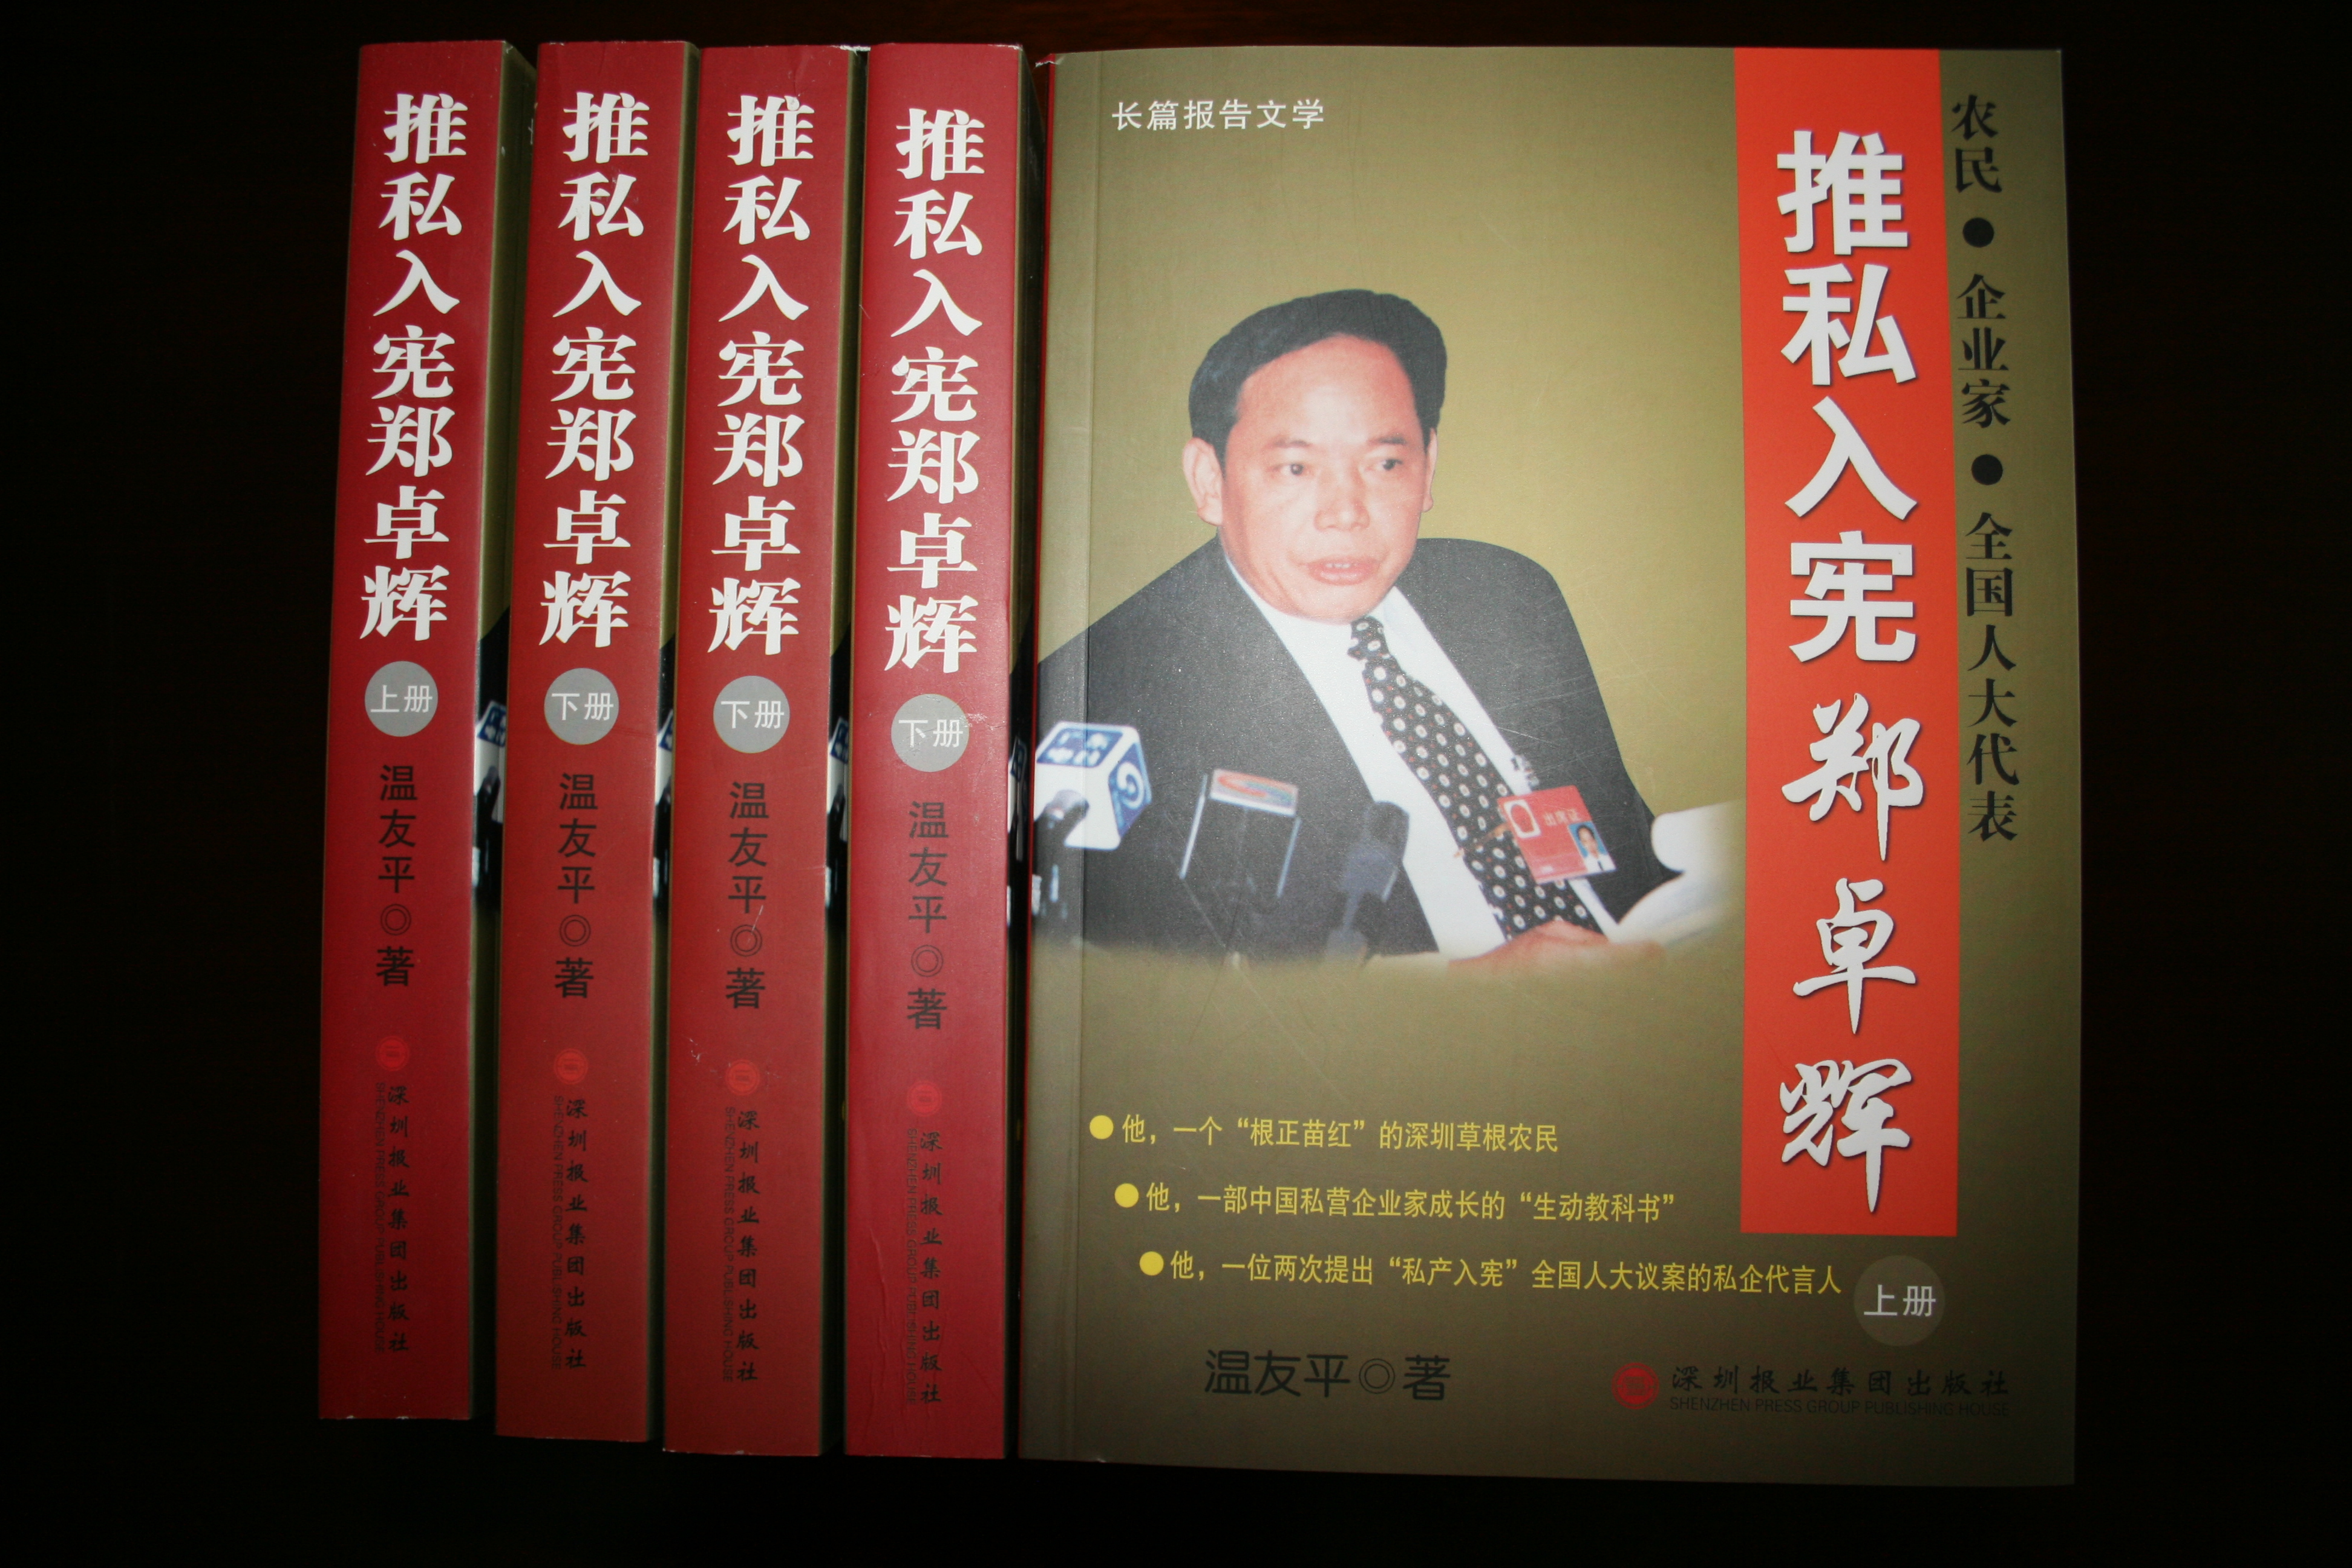 推私入宪郑卓辉:一个中国私营企业家的实践(1)